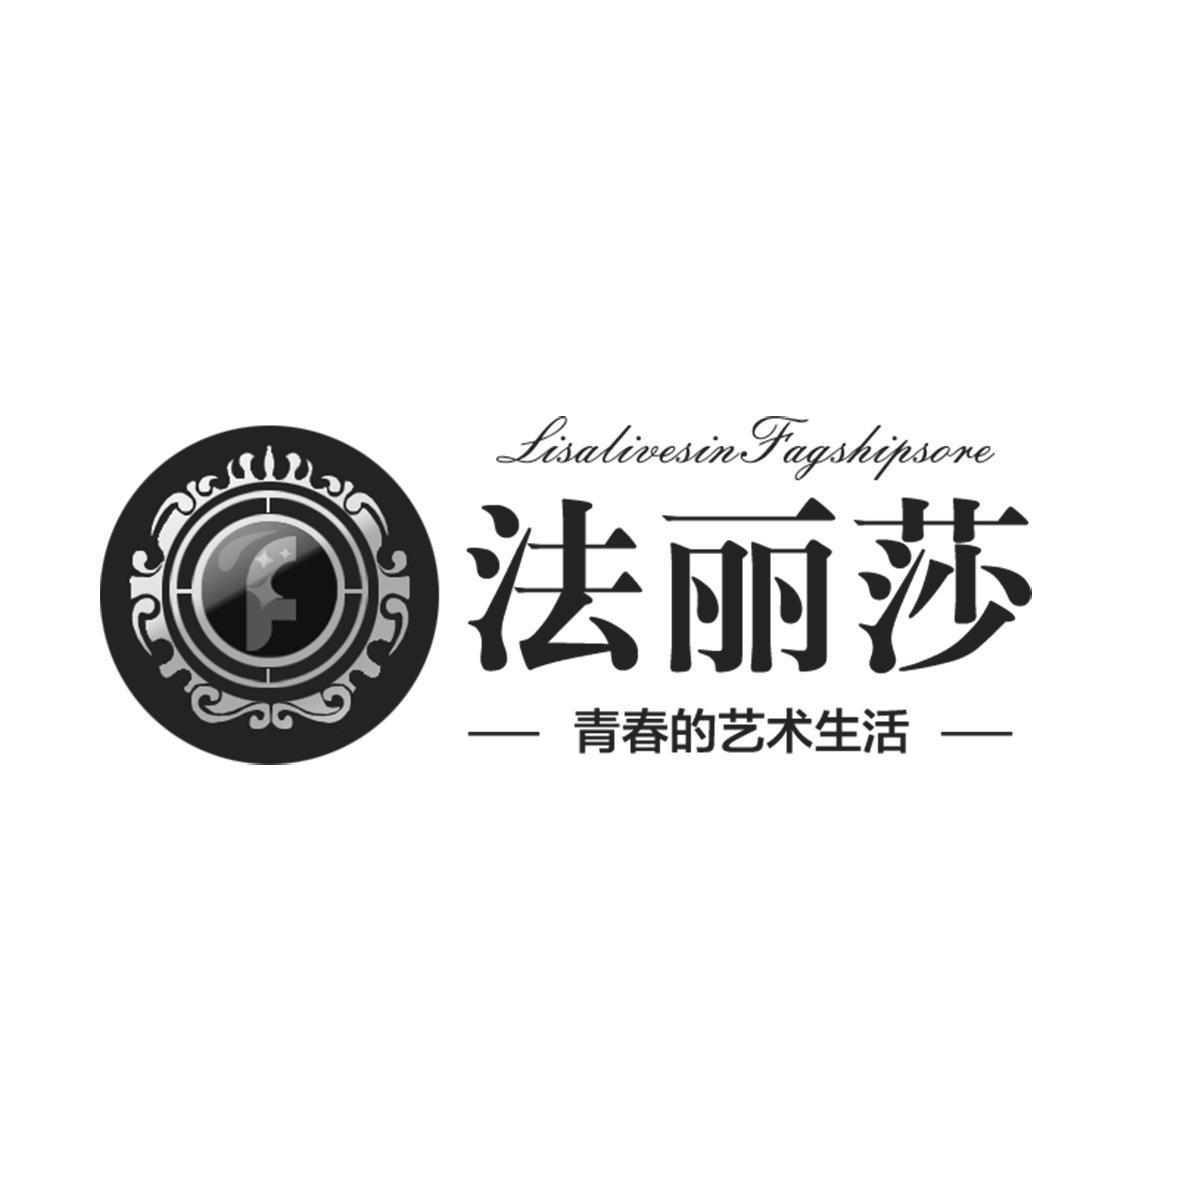 广州市大森林家居制品有限公司